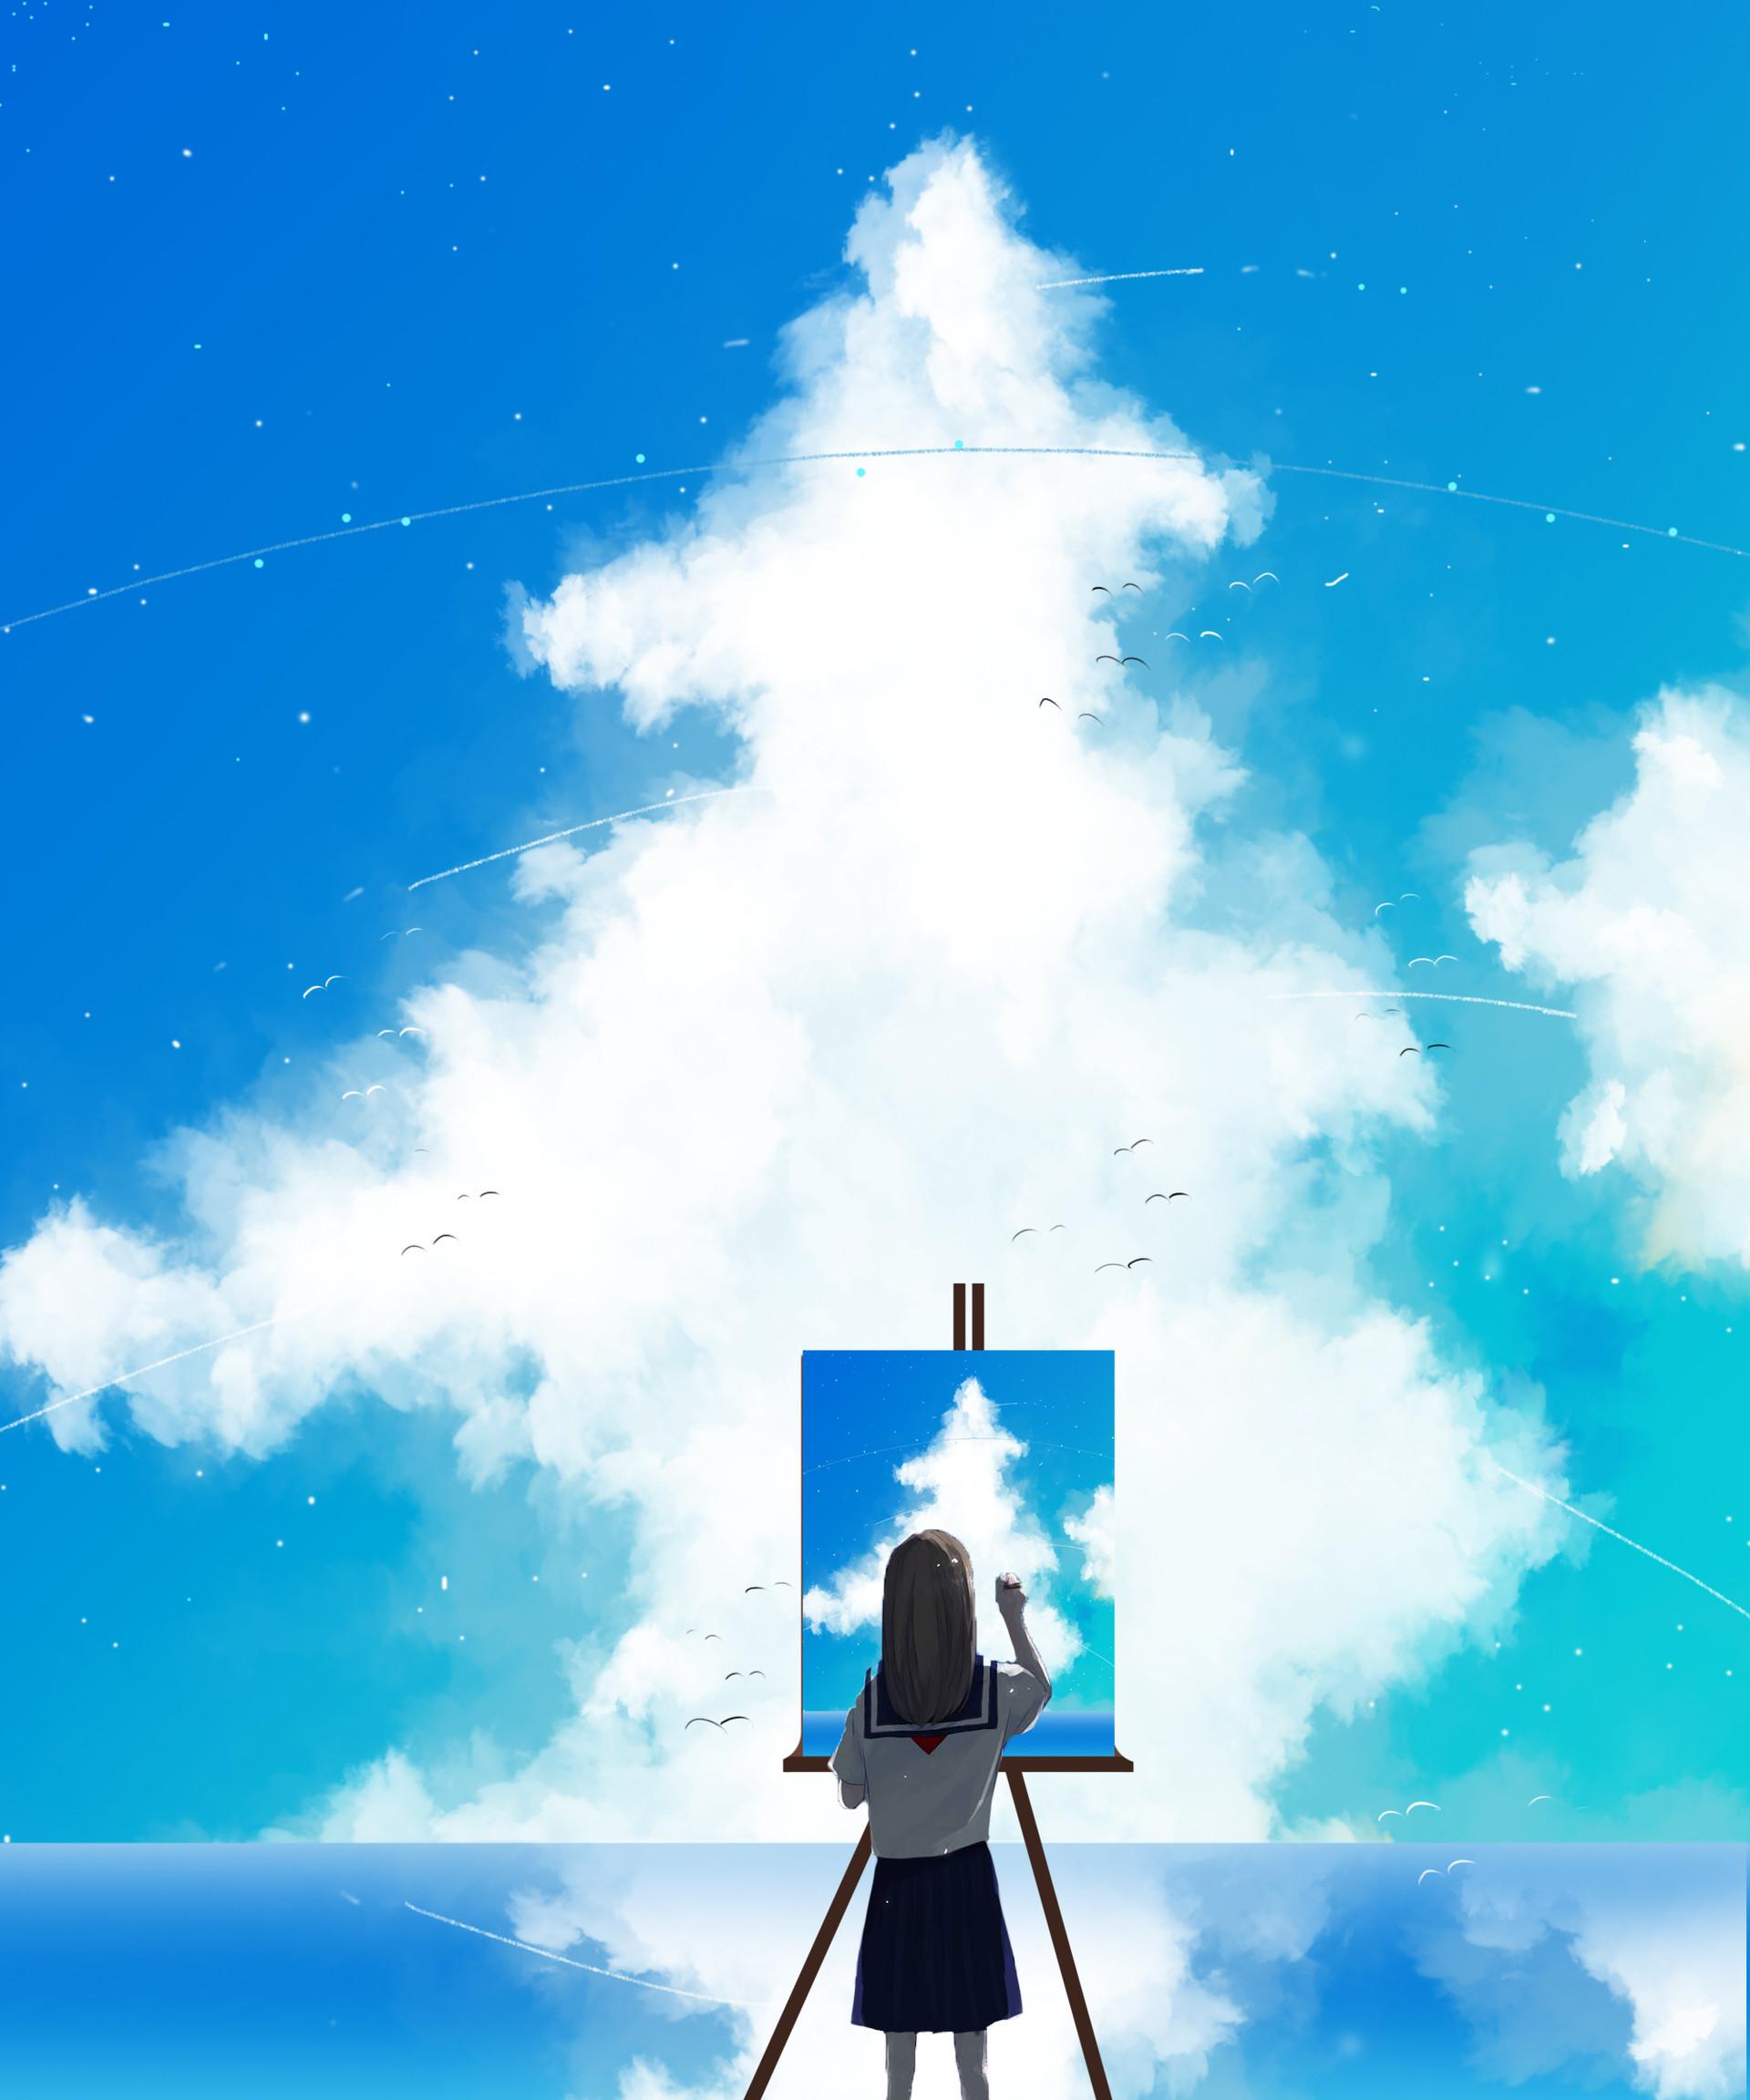 128737 Hintergrundbild herunterladen Sky, Kunst, Künstler, Clouds, Farbe, Segeltuch, Leinwand, Zeichnen - Bildschirmschoner und Bilder kostenlos